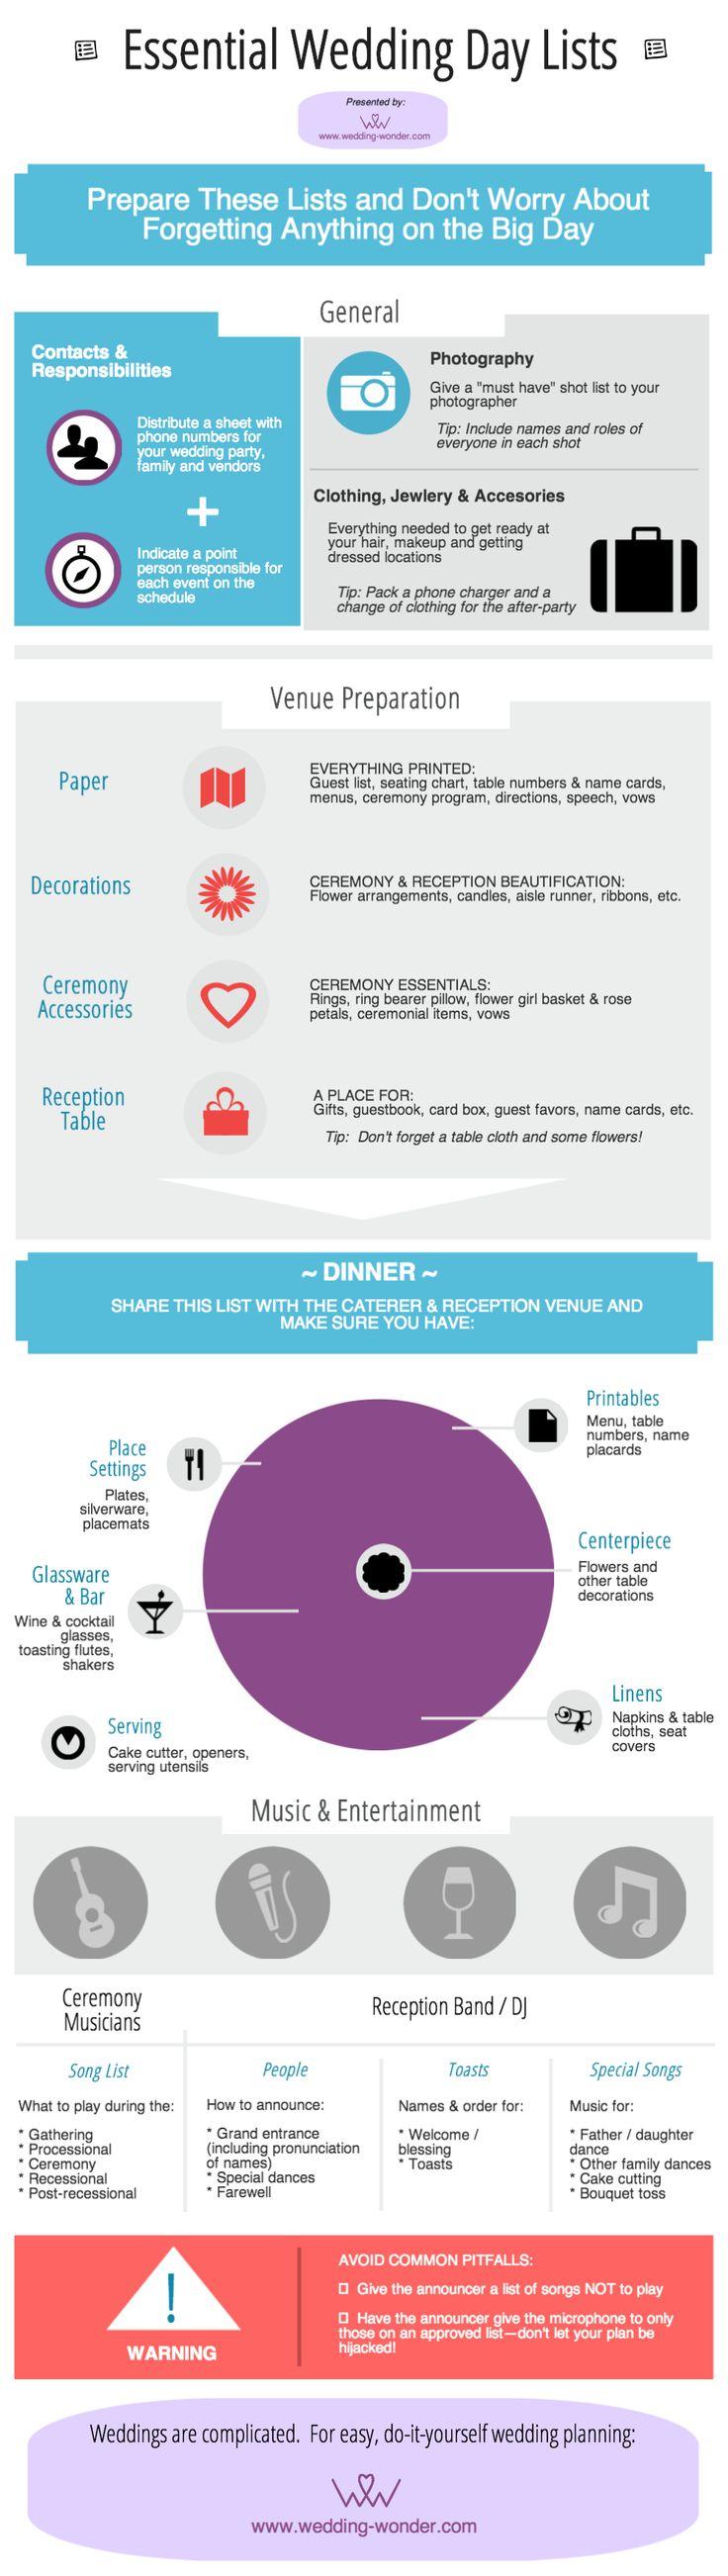 Essential Wedding Day Lists [Infographic] - Wedding Wonder